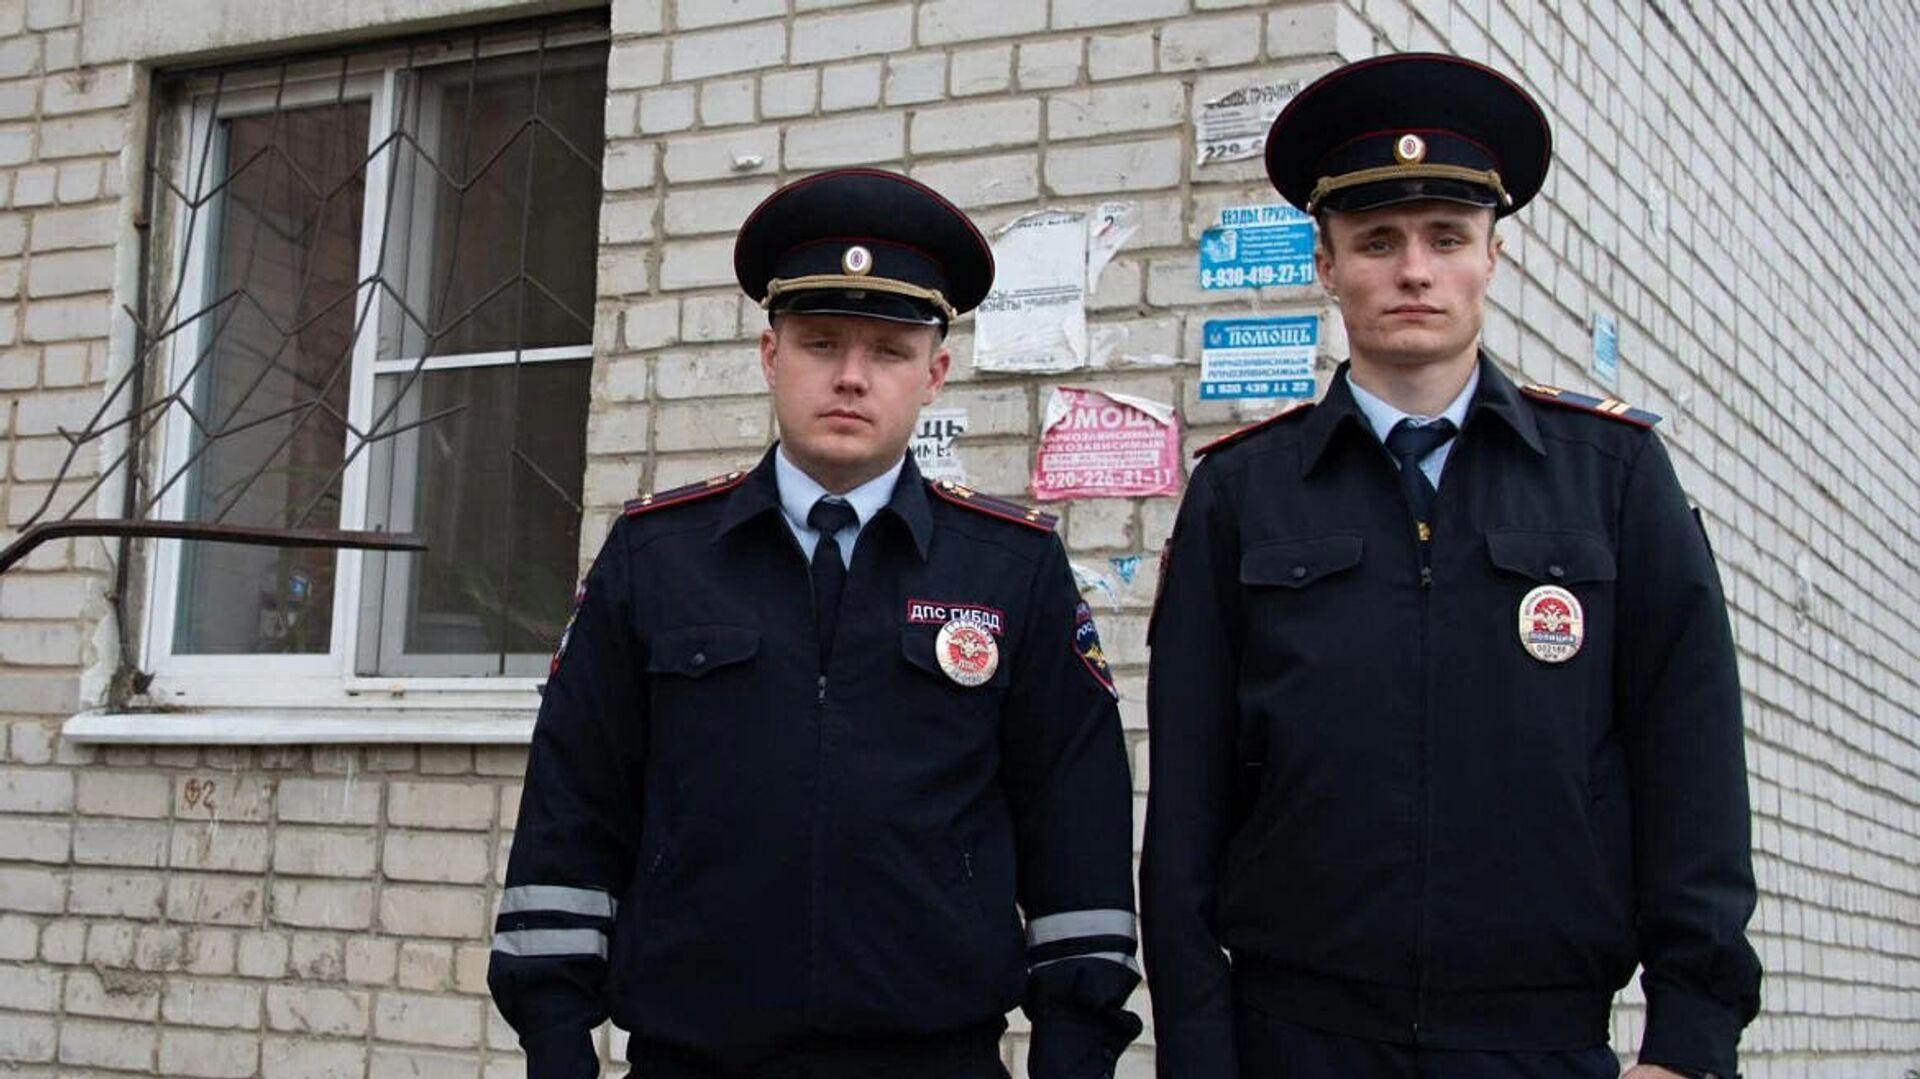 1577835751 0:0:1170:658 1920x0 80 0 0 f47c19a00ba5f4d6ff3234eef32acf3d - Воронежские полицейские спасли из пожара пожилую женщину и двоих детей